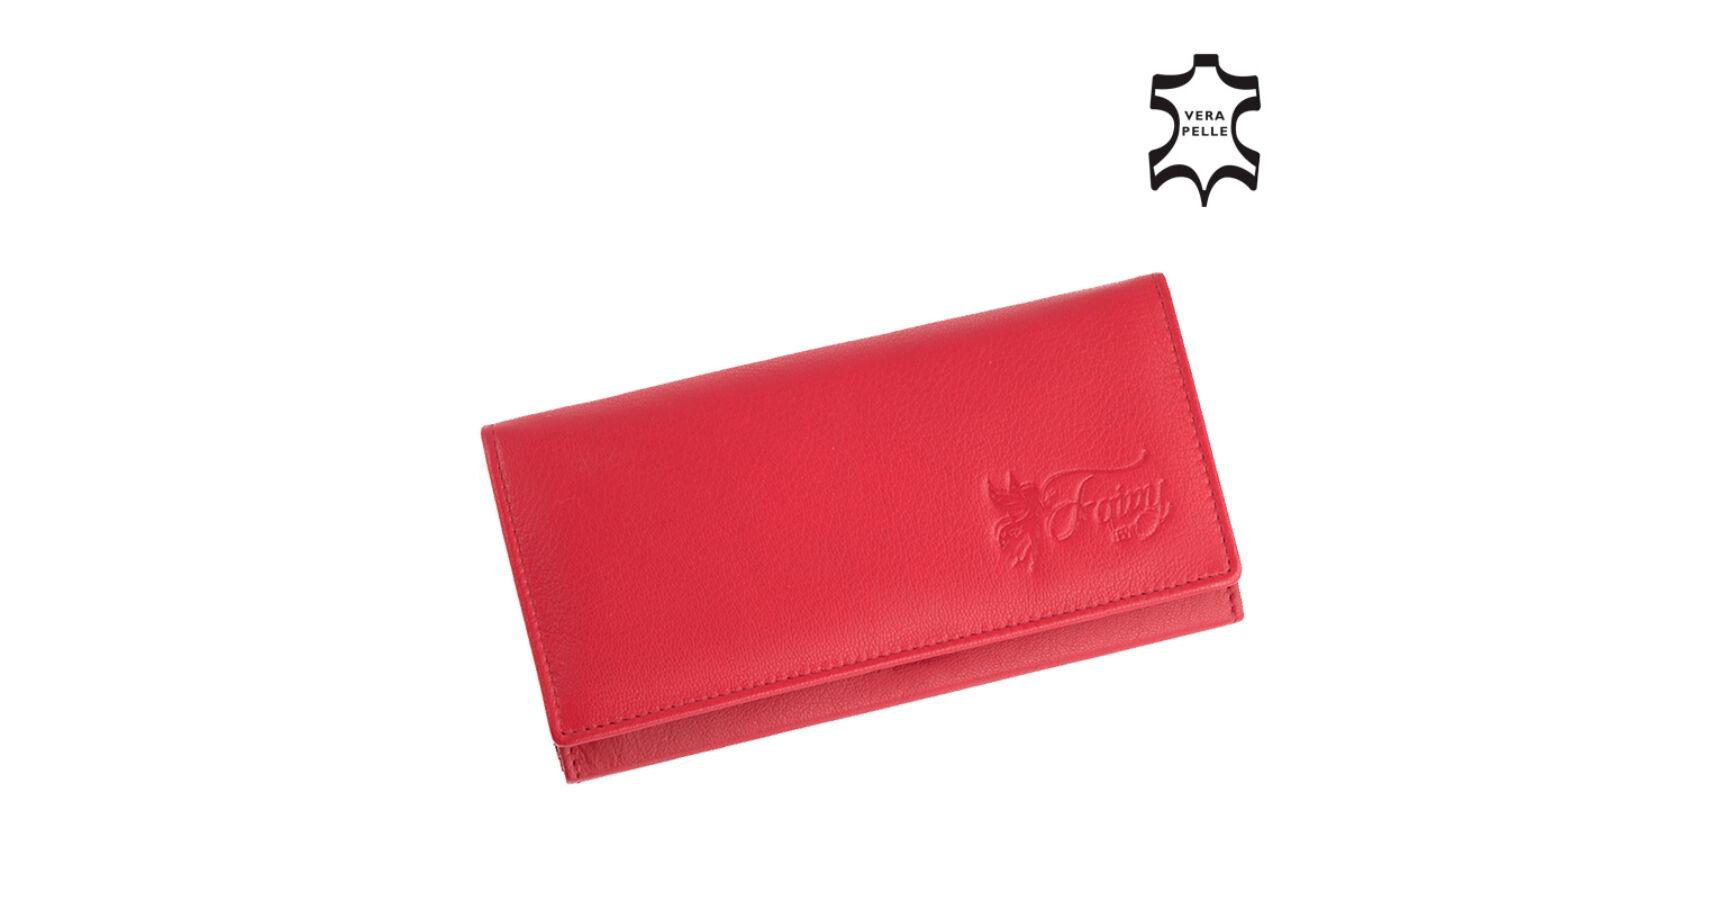 c23b81b2ae2f Fairy valódi bőr piros női pénztárca díszdobozban* - Fairy valódi bőr női  pénztárcák - Etáska - minőségi táska webáruház hatalmas választékkal